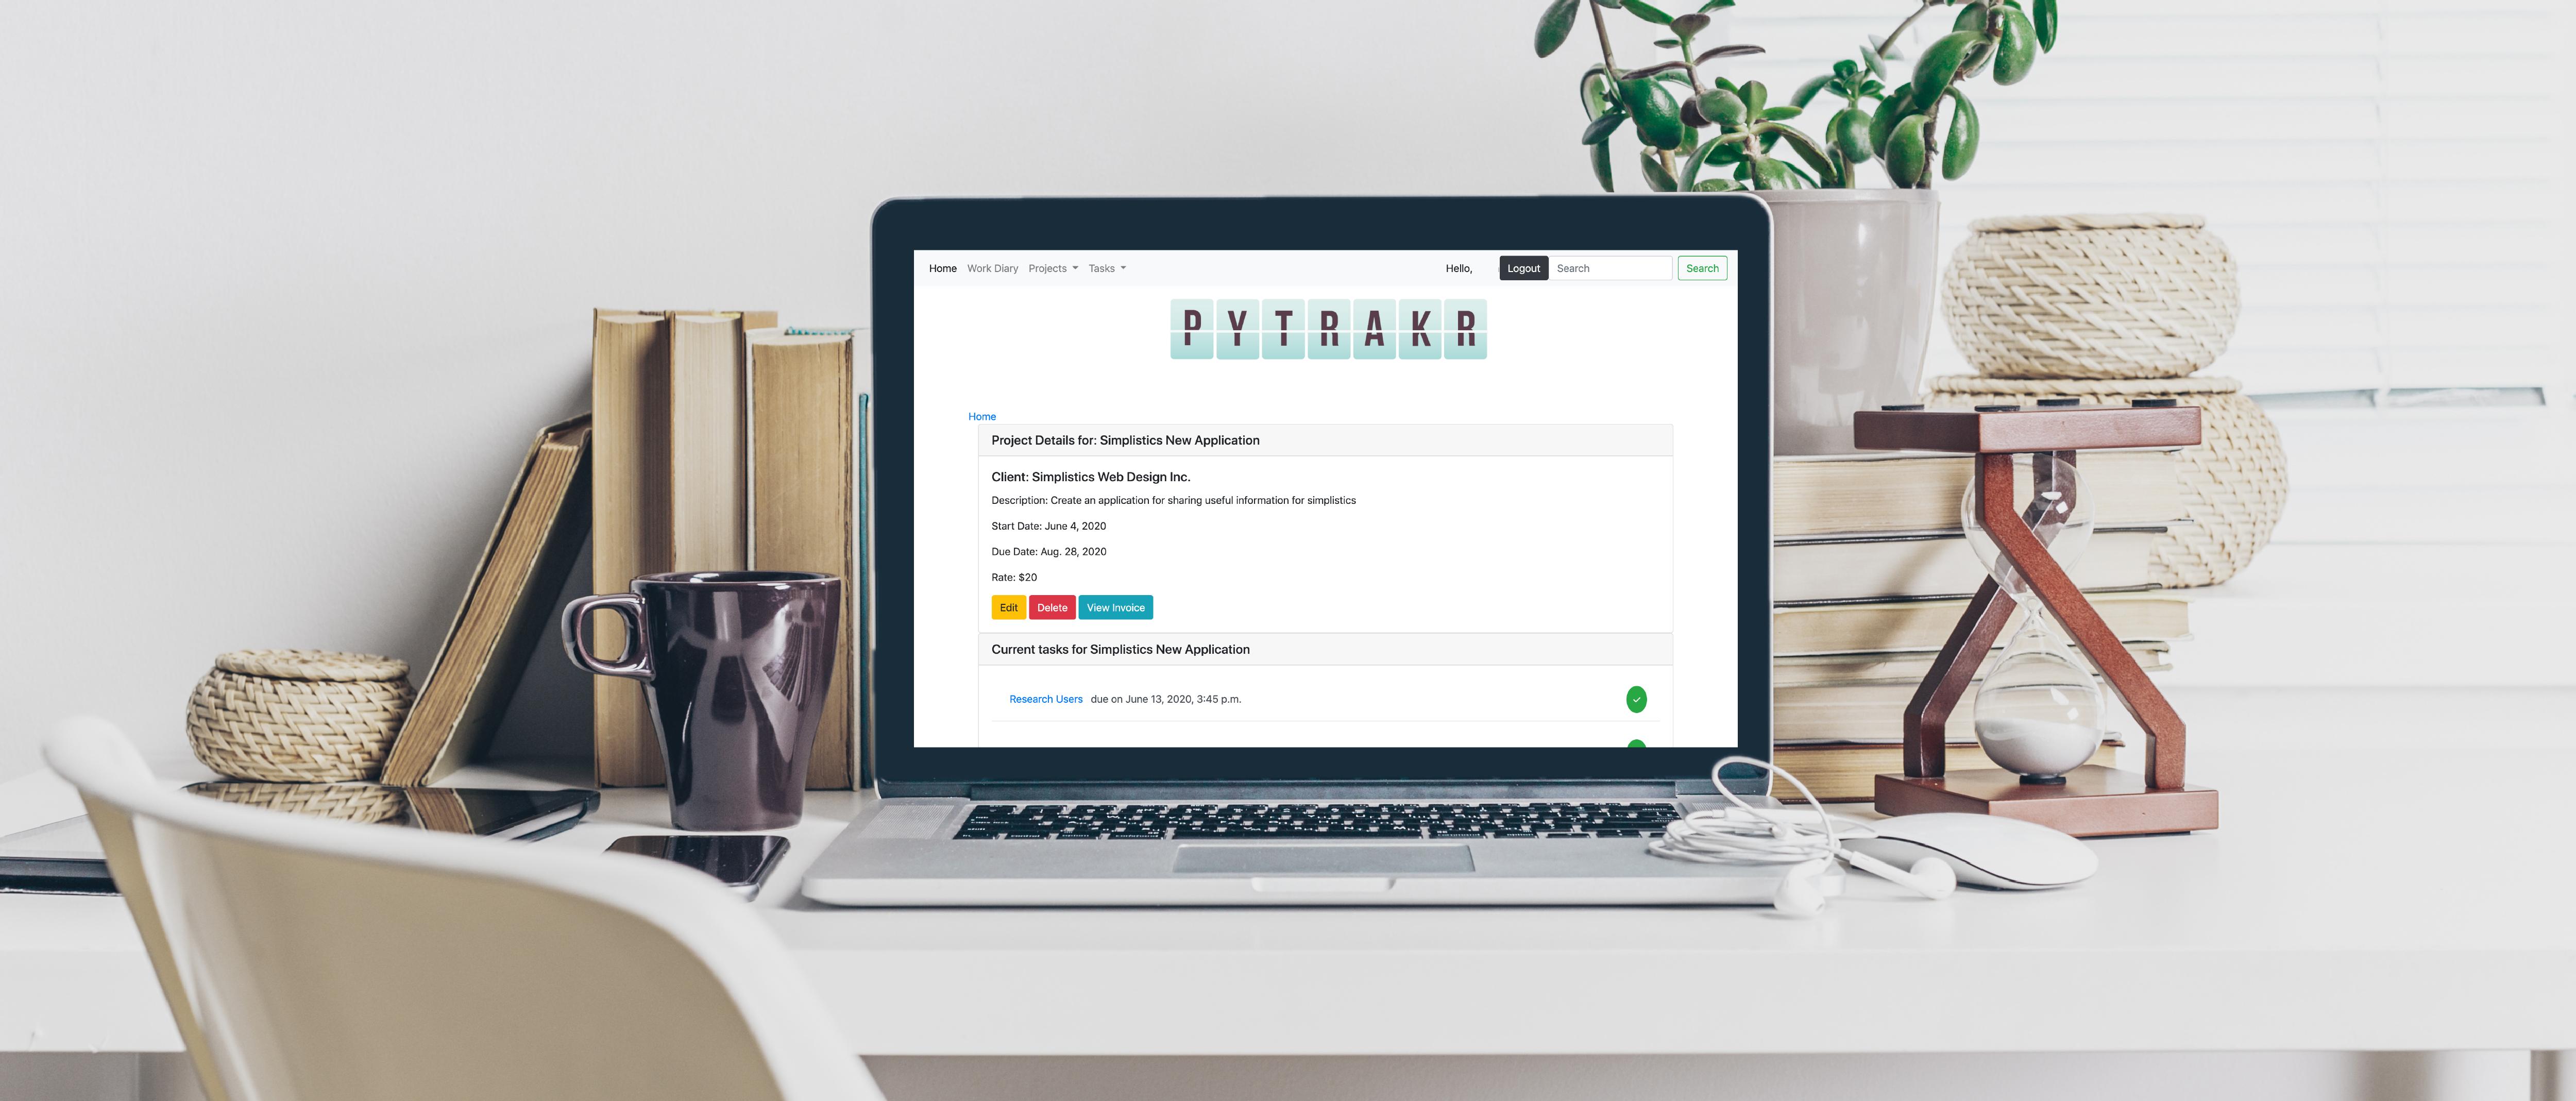 PyTraker task management software